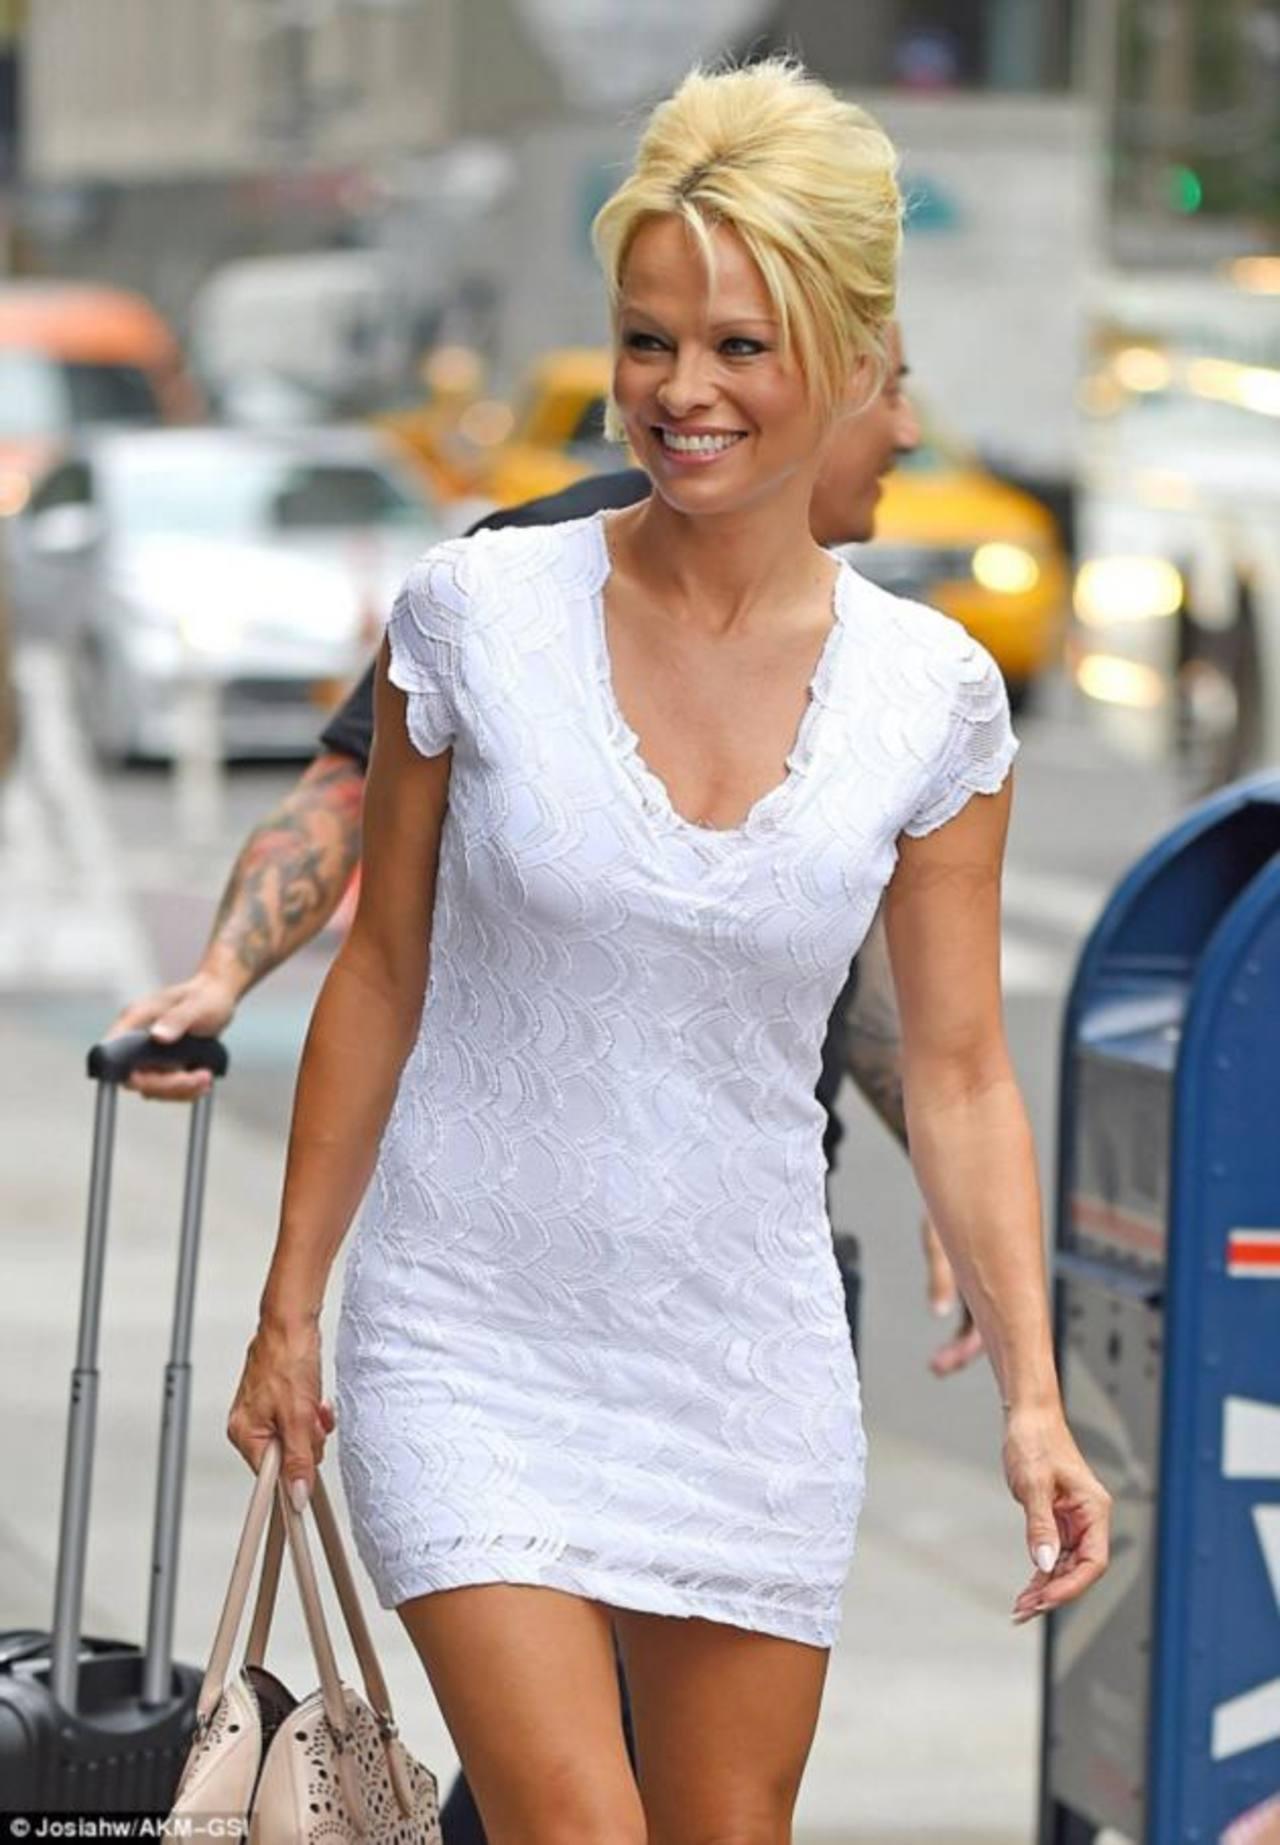 ¿Por qué estuvo en la cárcel Pamela Anderson?